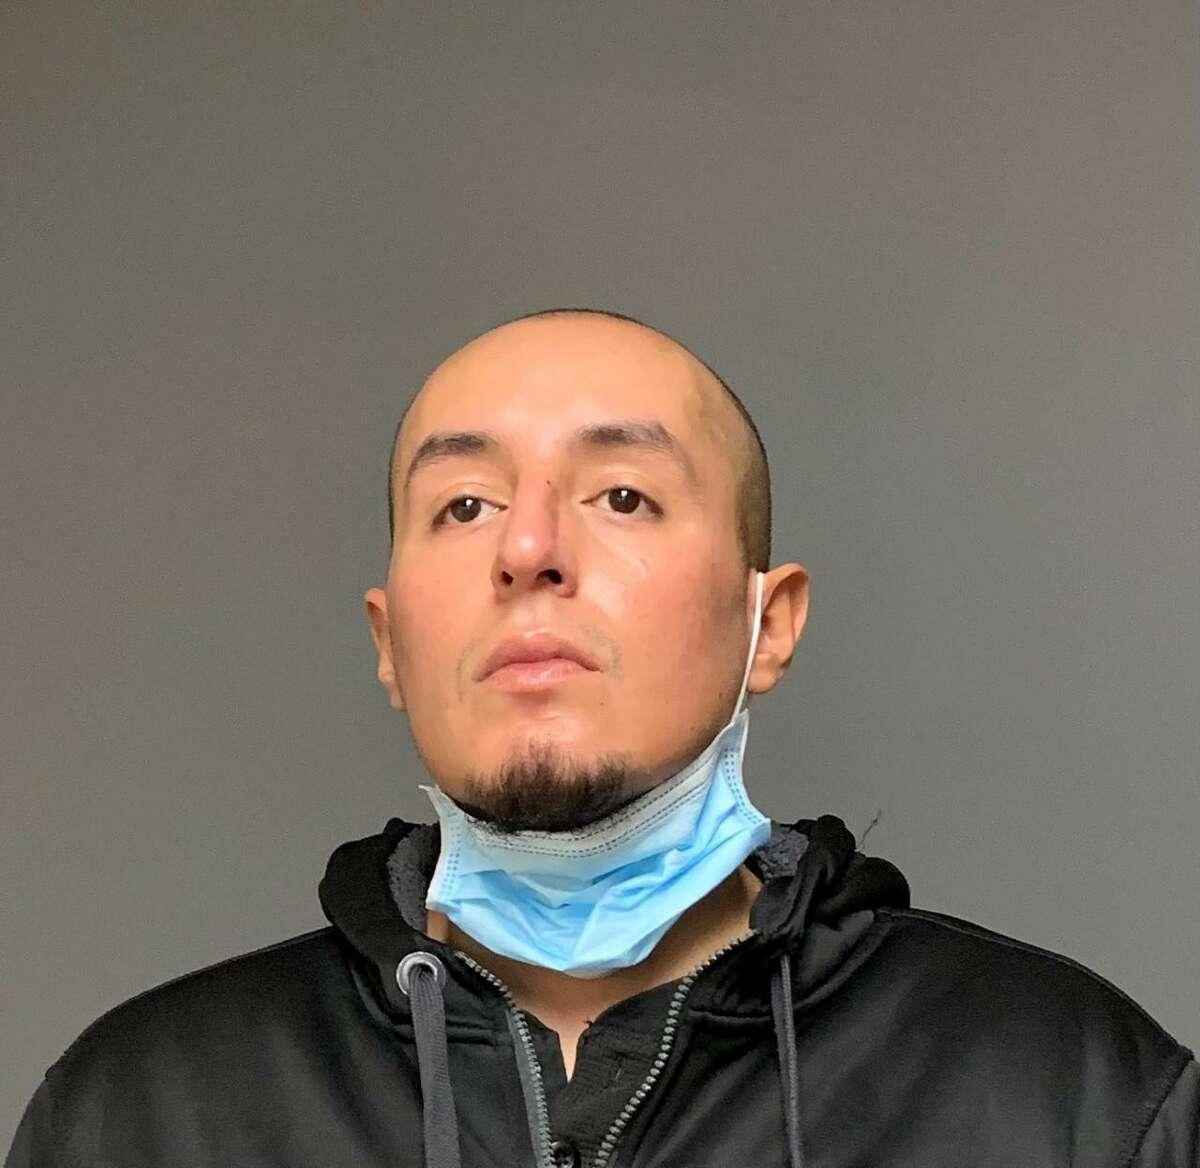 Javier Campos, 34, of Bridgeport